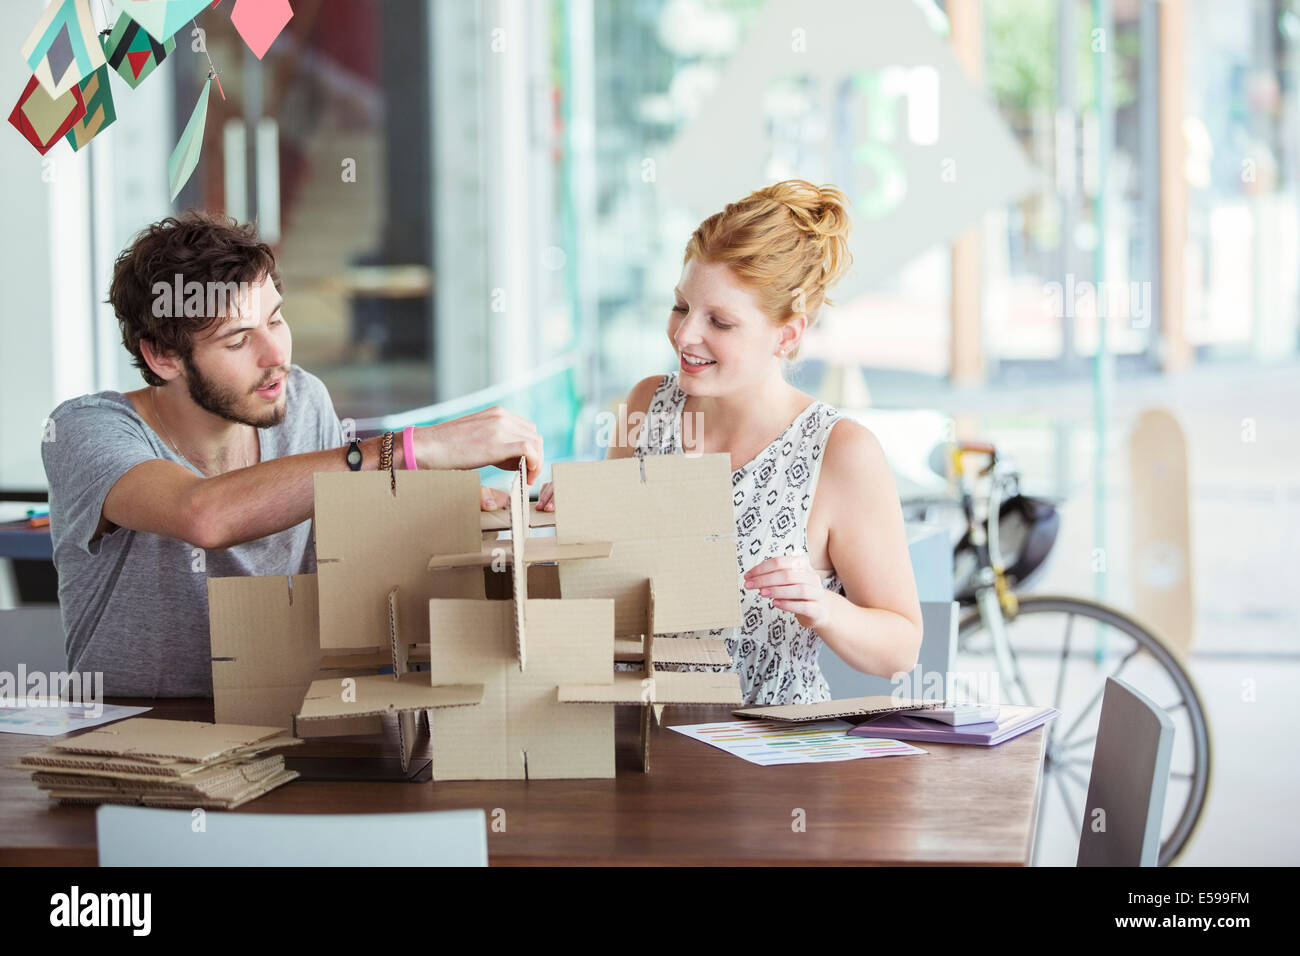 Modelo de gente construyendo juntos Imagen De Stock